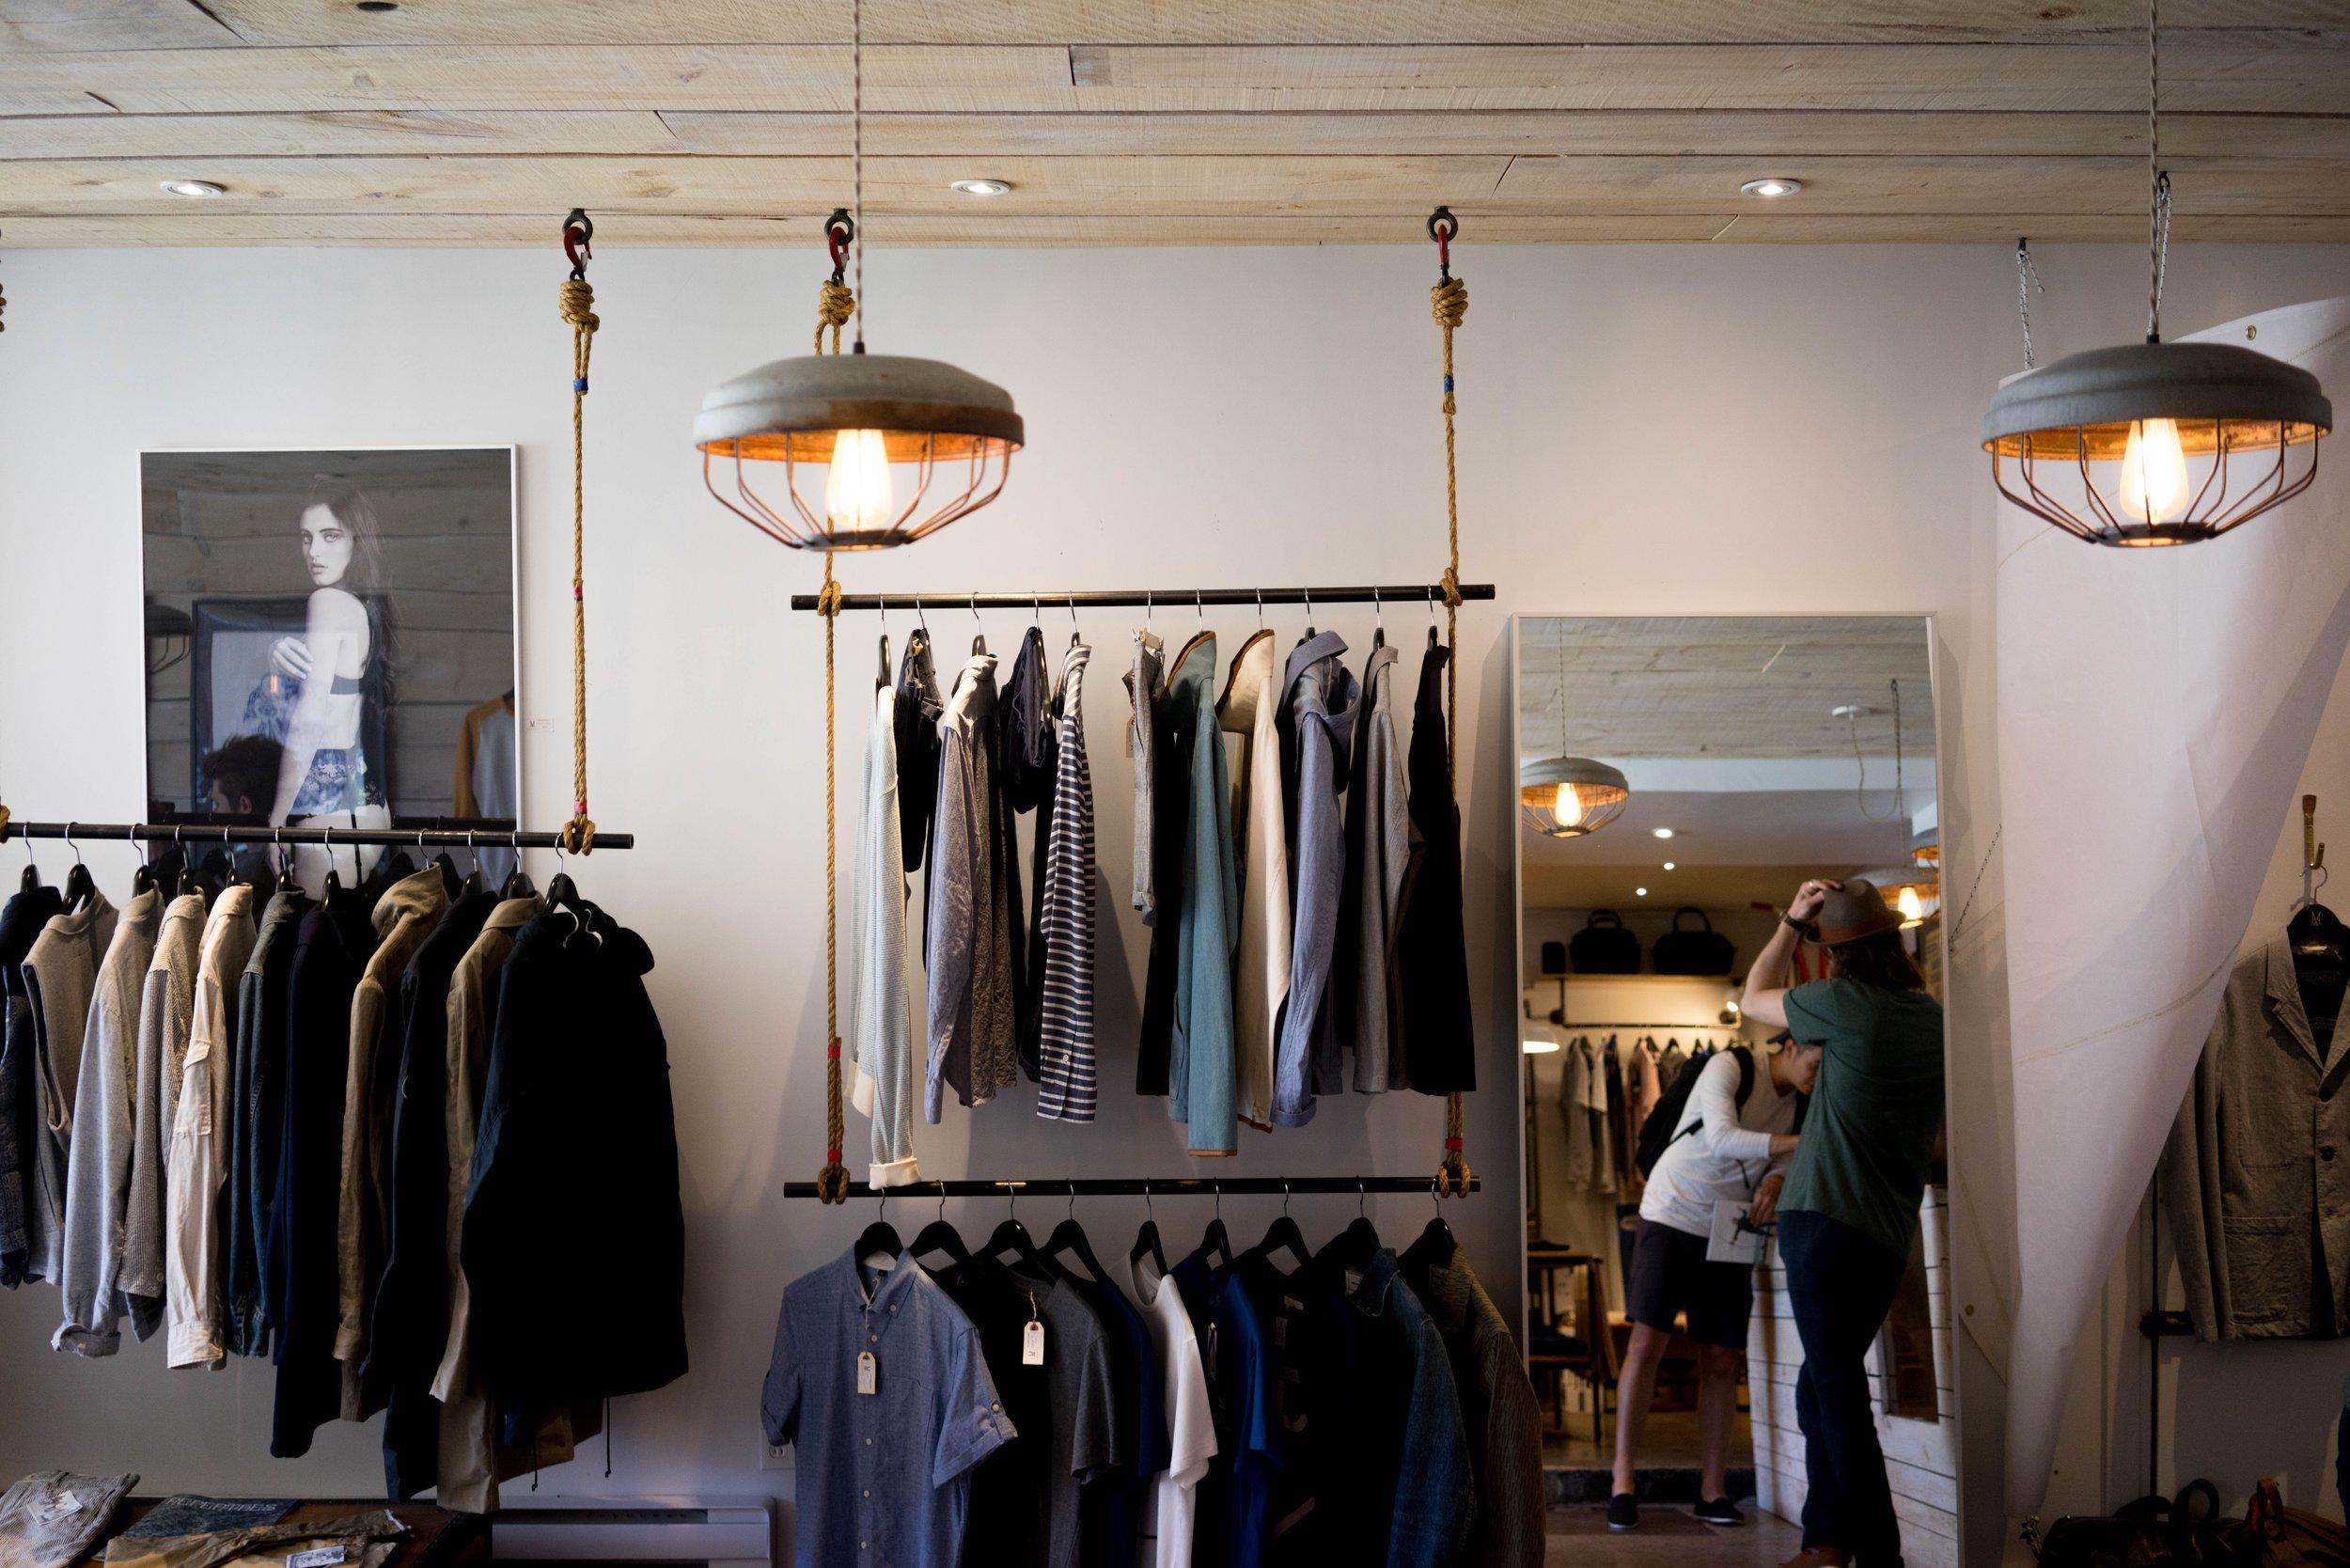 clark-street-mercantile-33919-unsplash.jpg